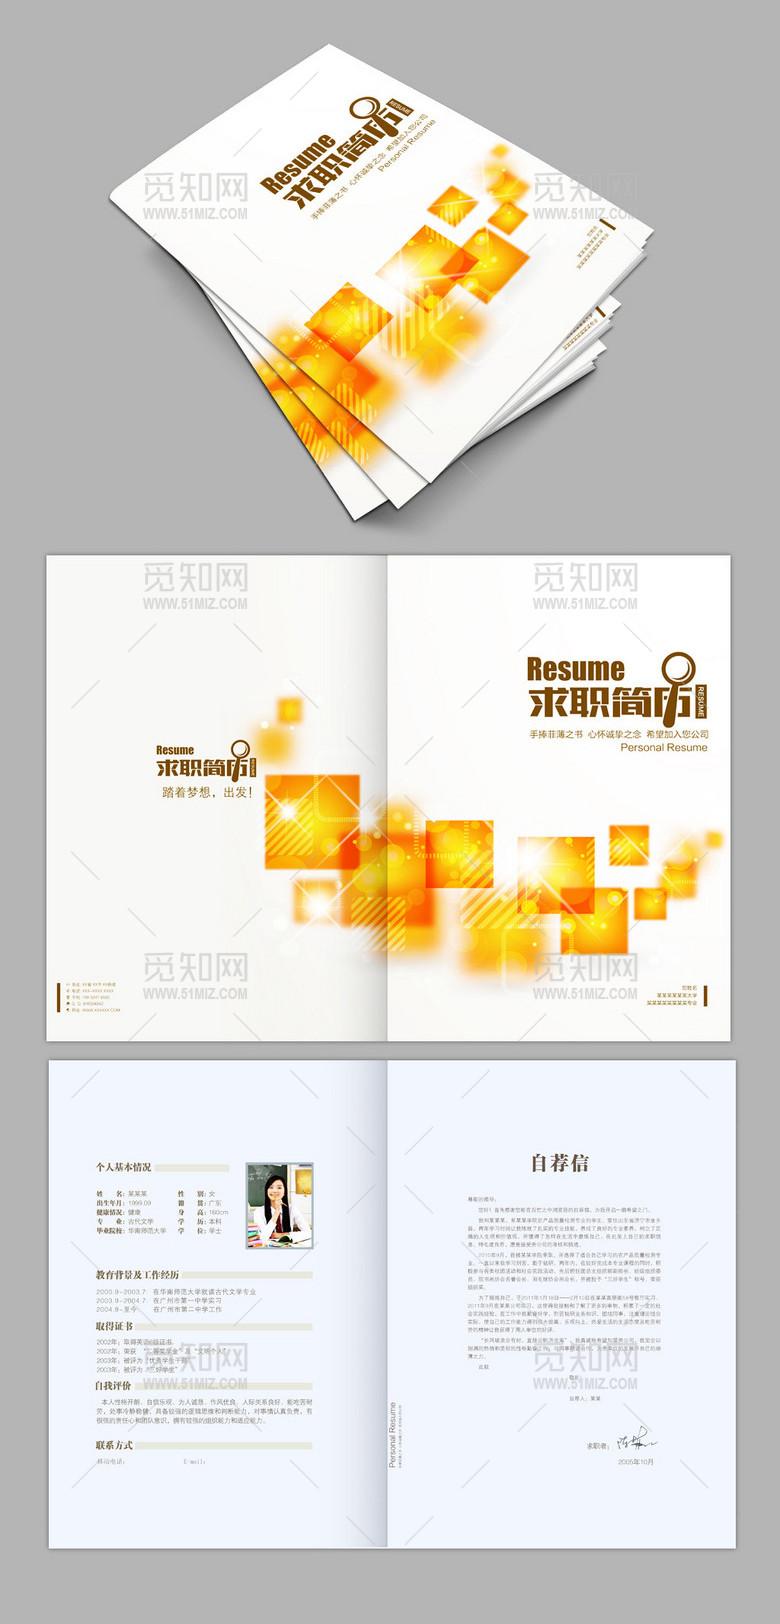 橙色IT计算机网络科技个人求职简历封面